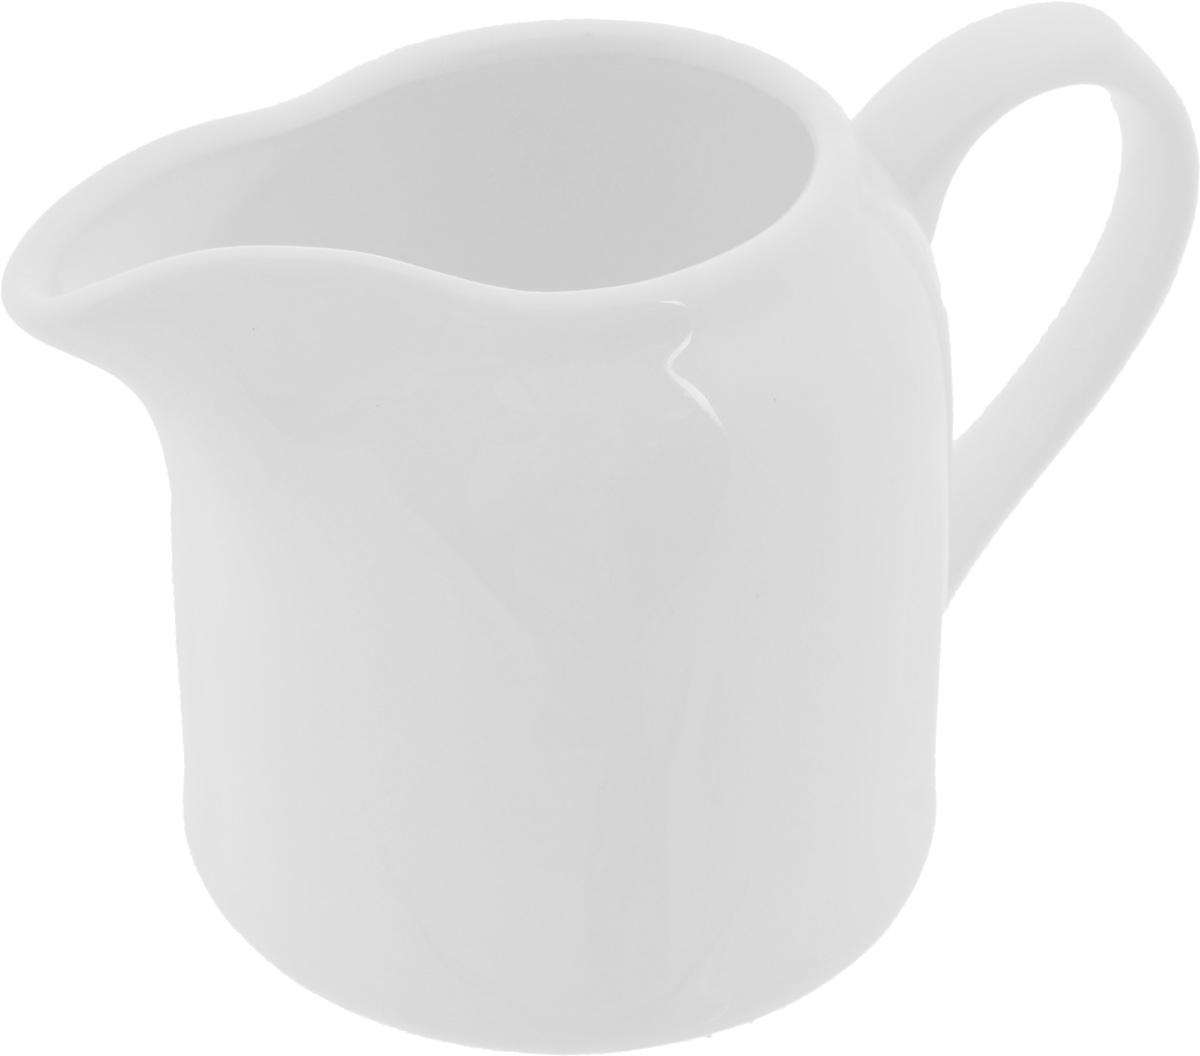 Молочник Wilmax, 250 млWL-995018 / 1CЭлегантный молочник Wilmax выполнен из высококачественного фарфора с глазурованным покрытием. Молочник имеет широкое основание, удобную ручку и носик. Предназначен для сливок и молока. Такое изделие украсит ваш праздничный или обеденный стол, а нежное исполнение понравится любой хозяйке.Можно мыть в посудомоечной машине и использовать в микроволновой печи.Диаметр молочника по верхнему краю: 4,5 см.Диаметр основания: 7,5 см. Высота салатника: 8 см.